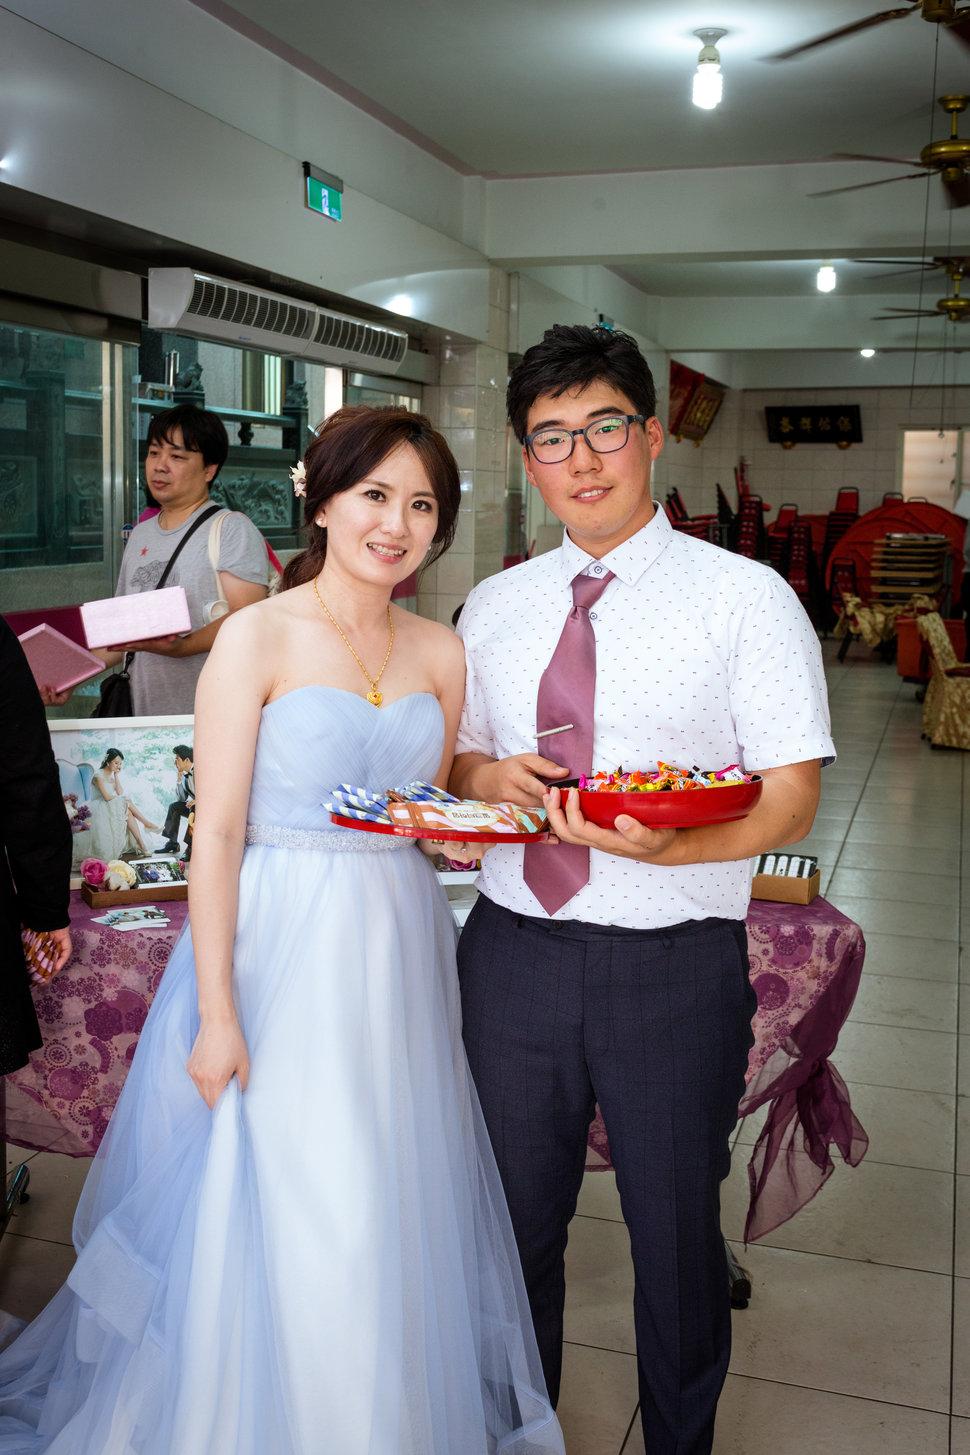 520A0438 - MS攝影美學工作室 - 結婚吧